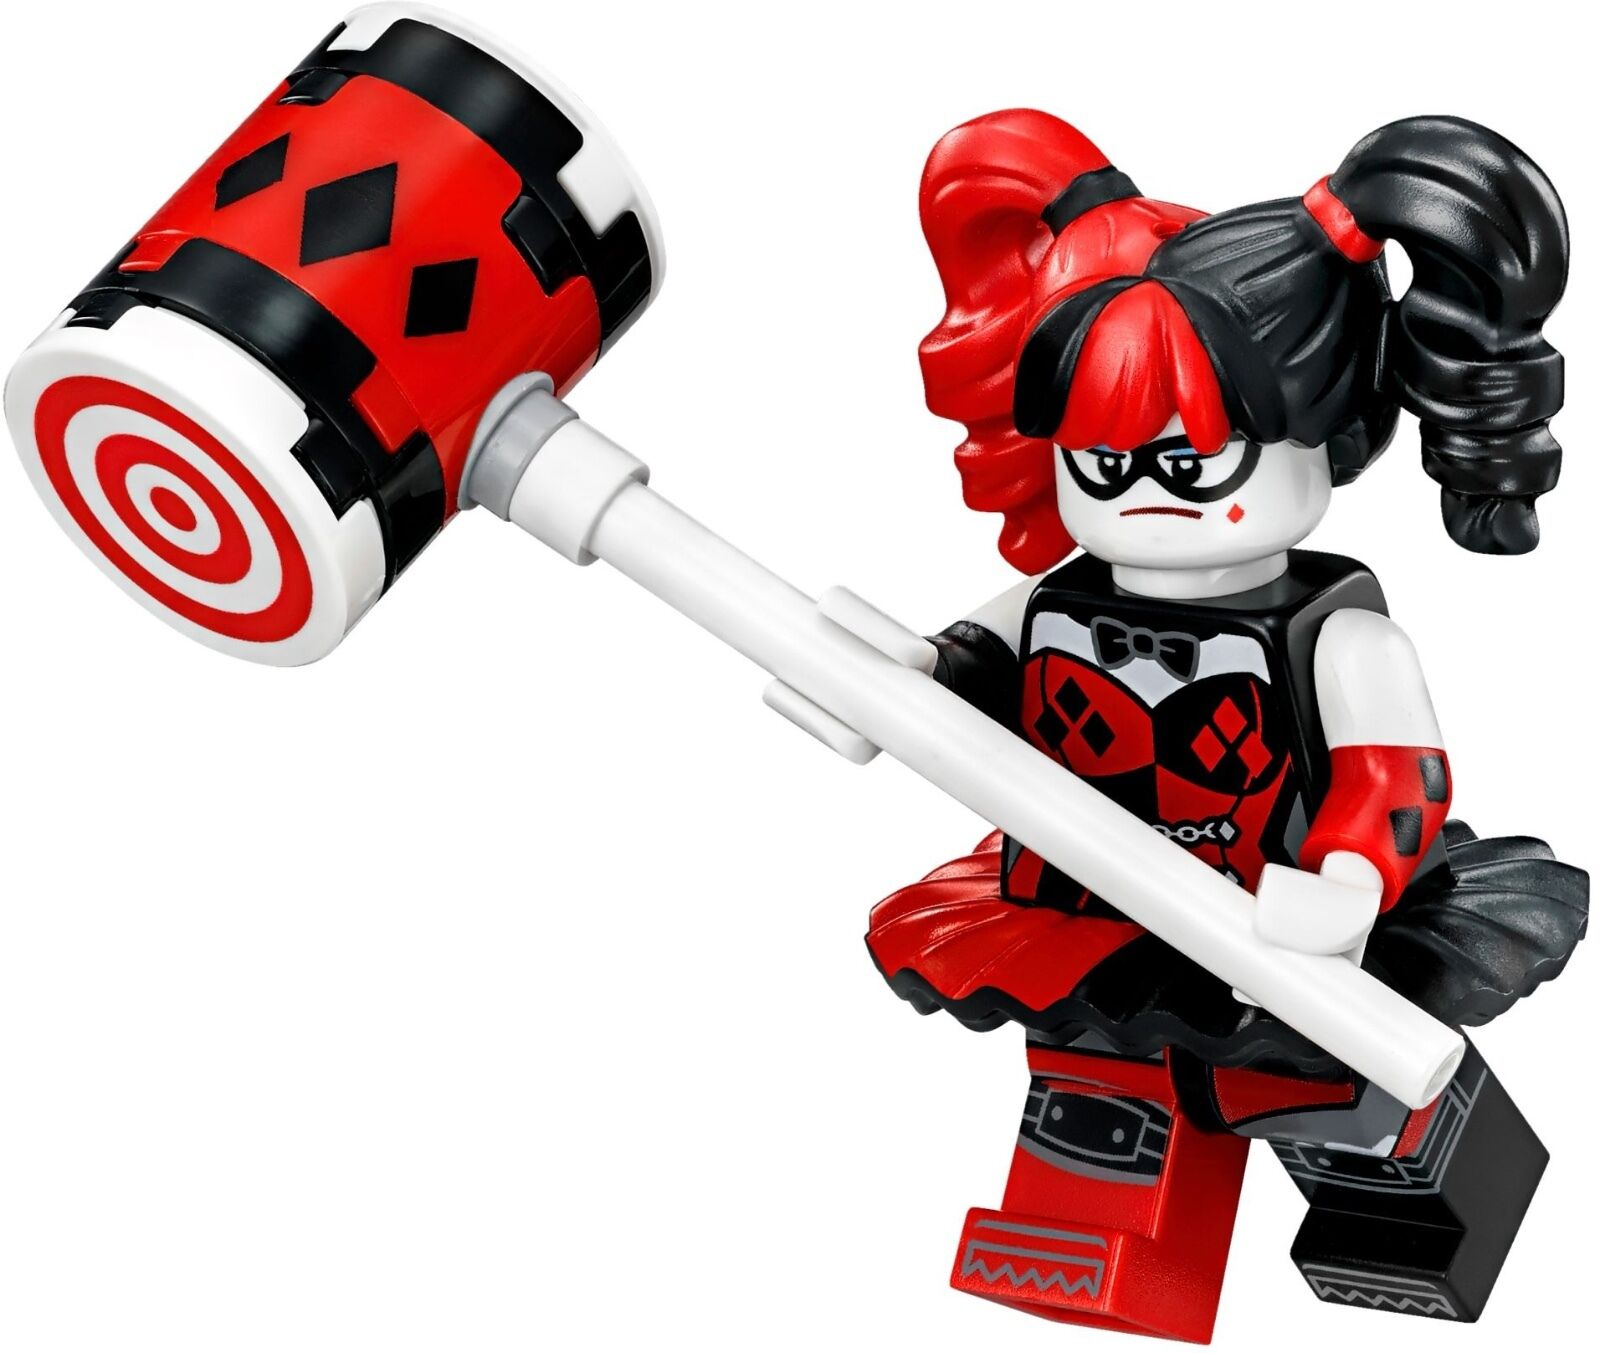 LEGO ® The LEGO ® BatFemme Movie 70916 Batwing nouveau nouveau nouveau neuf dans sa boîte _ The Batwing NEW En parfait état, dans sa boîte scellée Boîte d'origine jamais ouverte a090d0